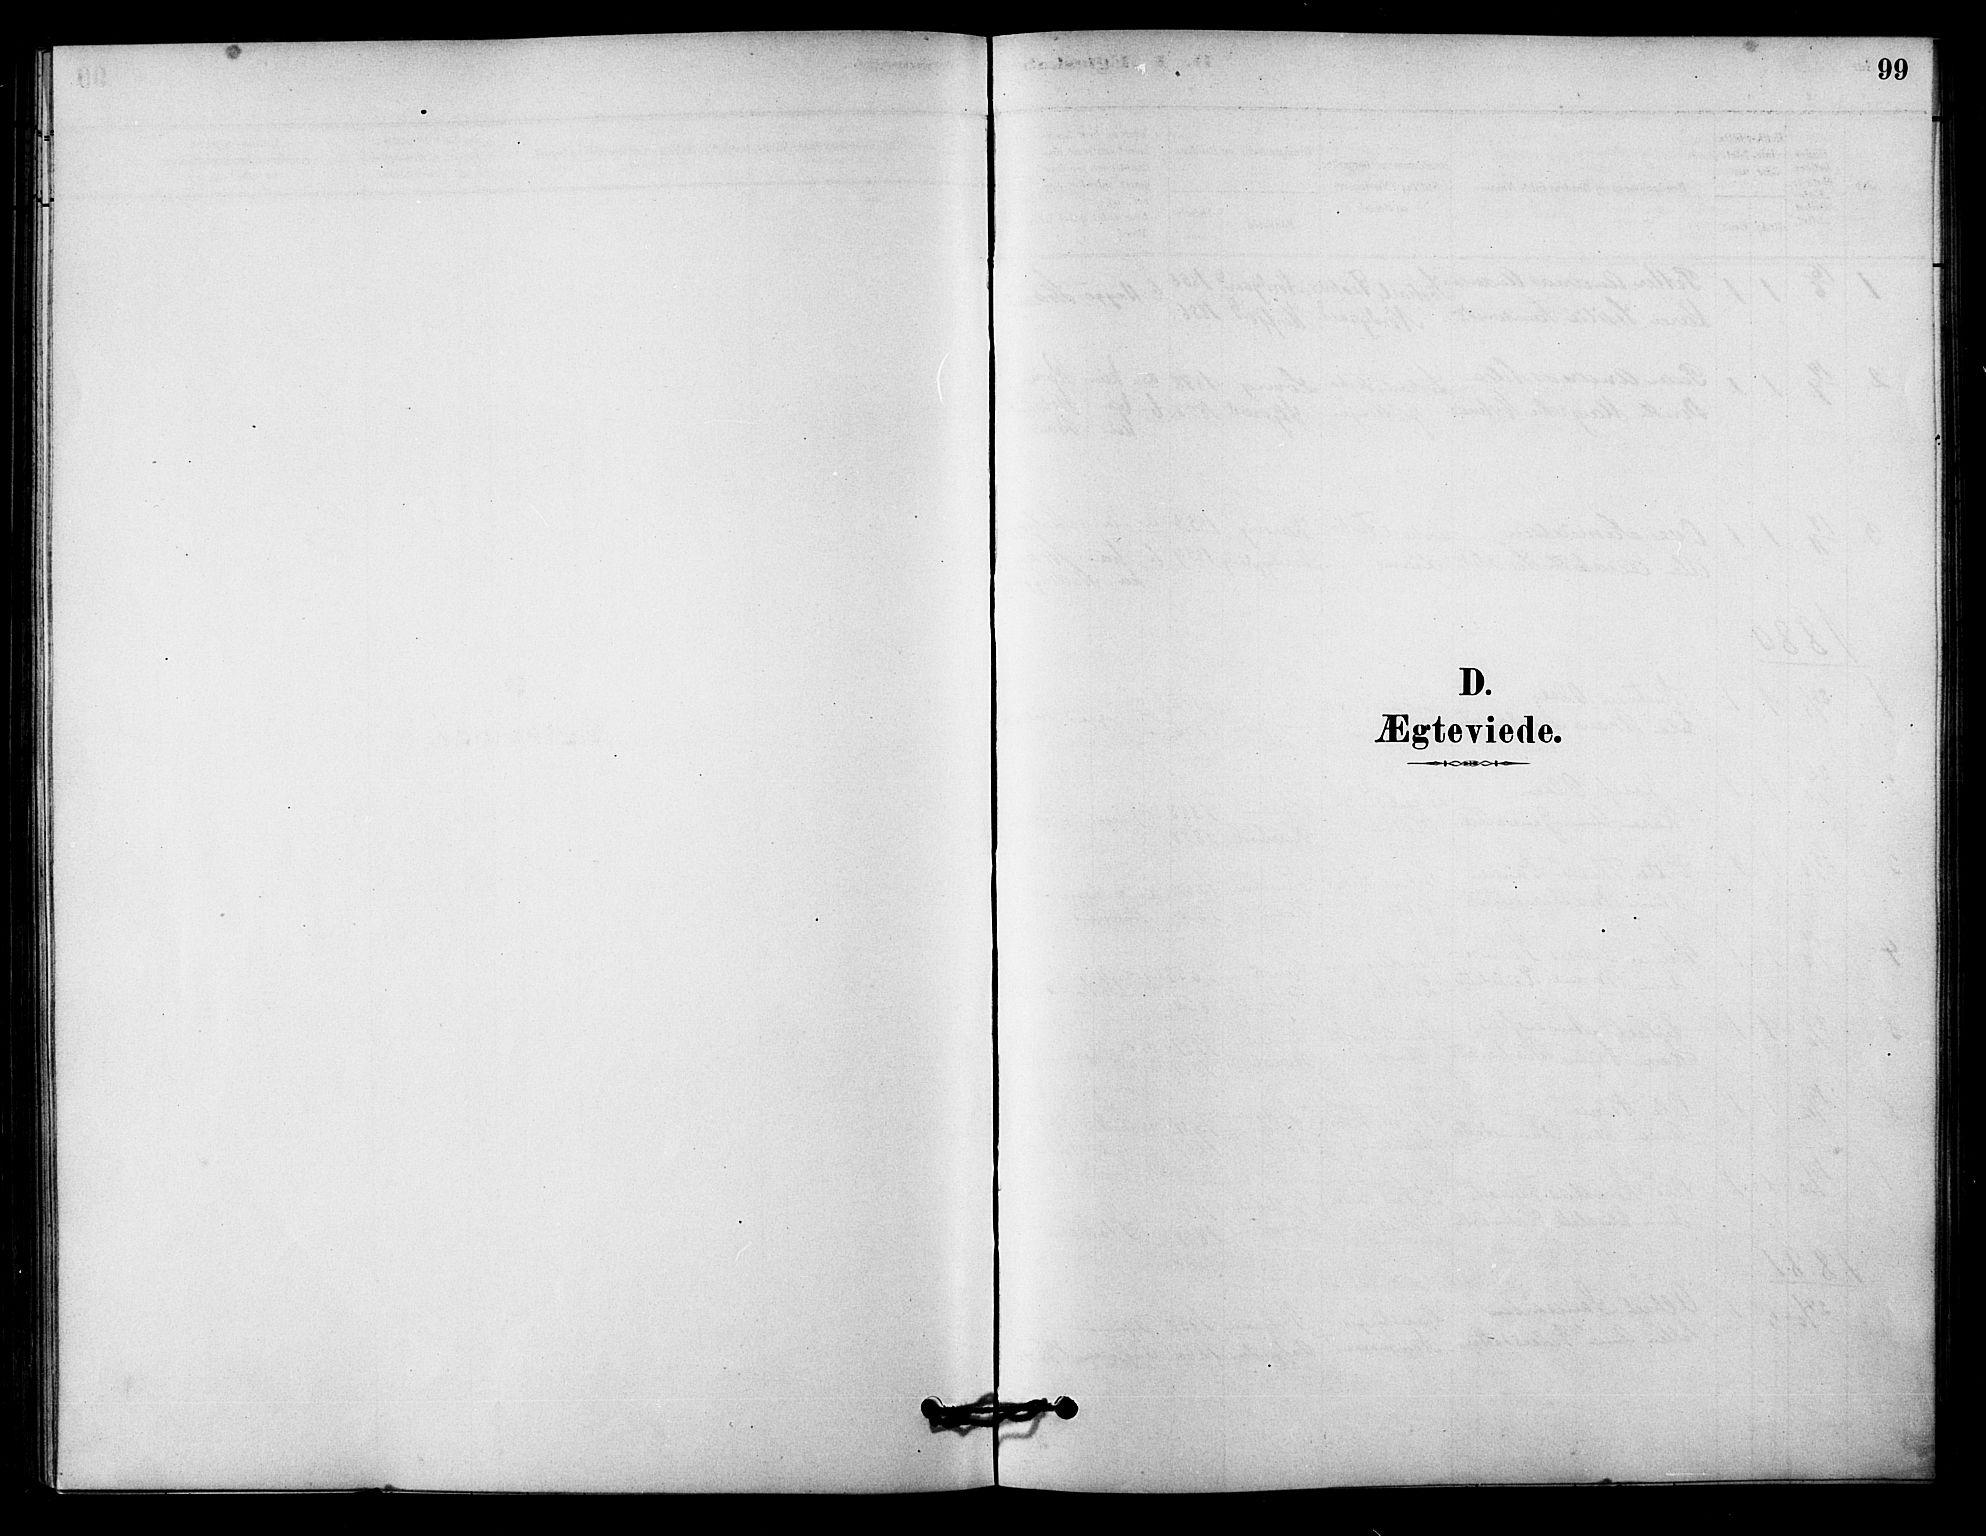 SAT, Ministerialprotokoller, klokkerbøker og fødselsregistre - Sør-Trøndelag, 656/L0692: Ministerialbok nr. 656A01, 1879-1893, s. 99